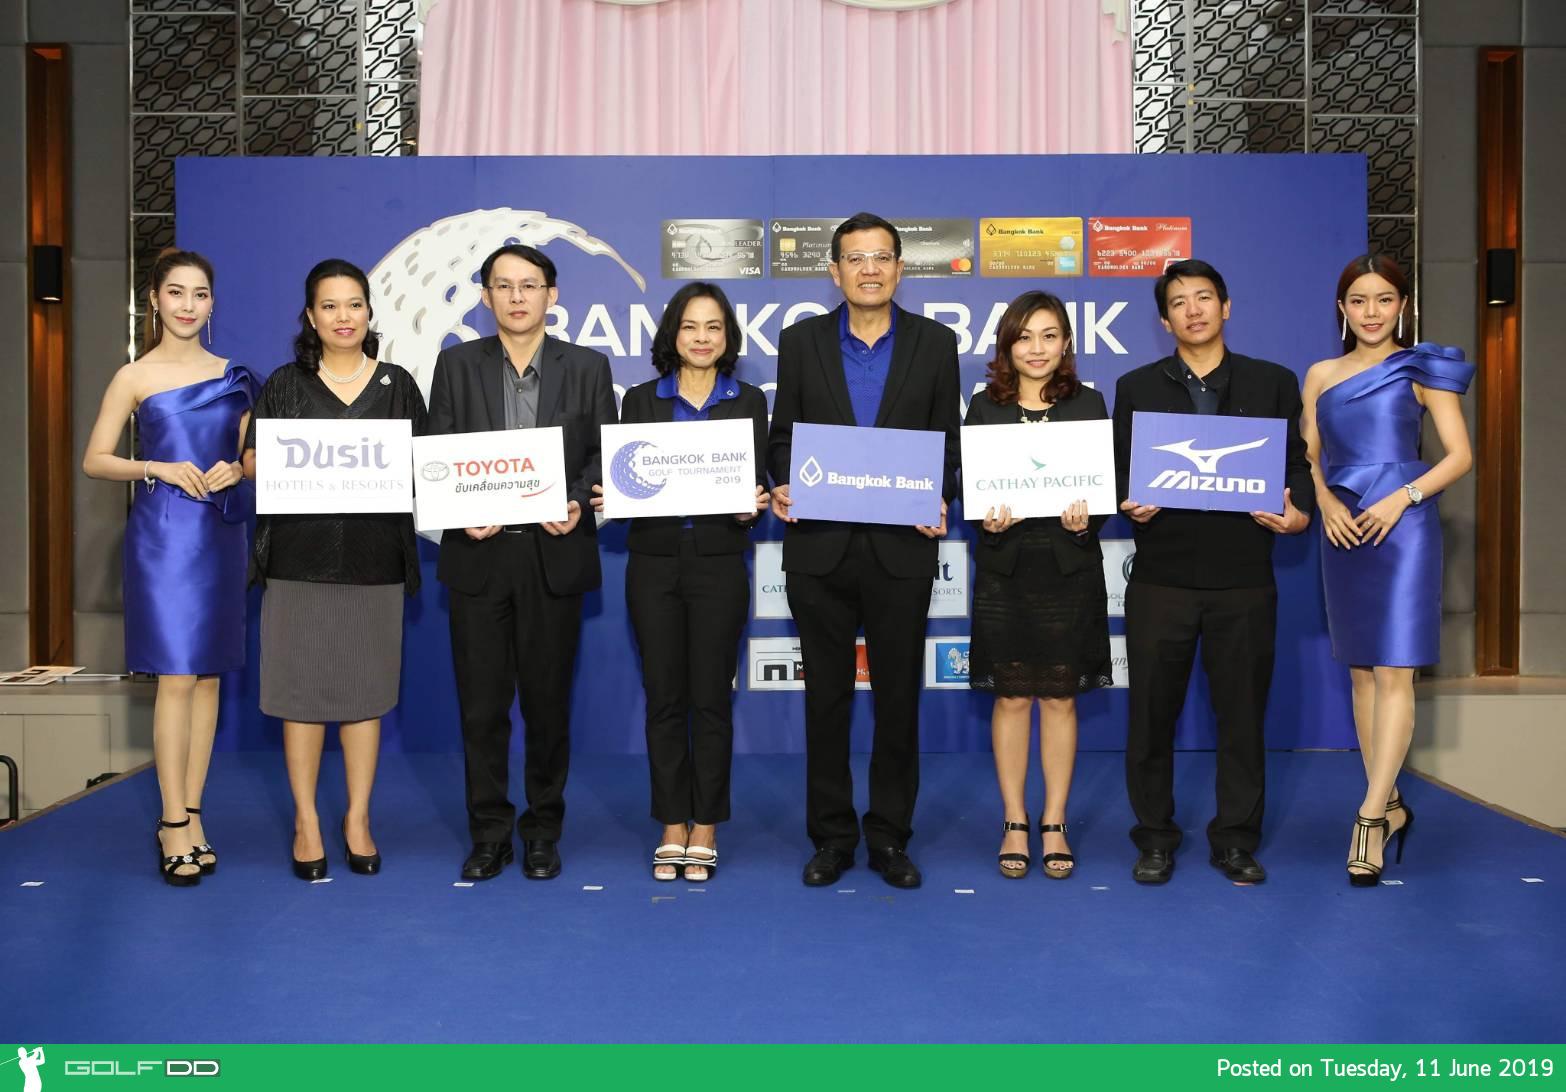 ธนาคารกรุงเทพ แถลงข่าวจัดการแข่งขันกอล์ฟ Bangkok Bank Golf Tournament 2019 ครั้งที่7